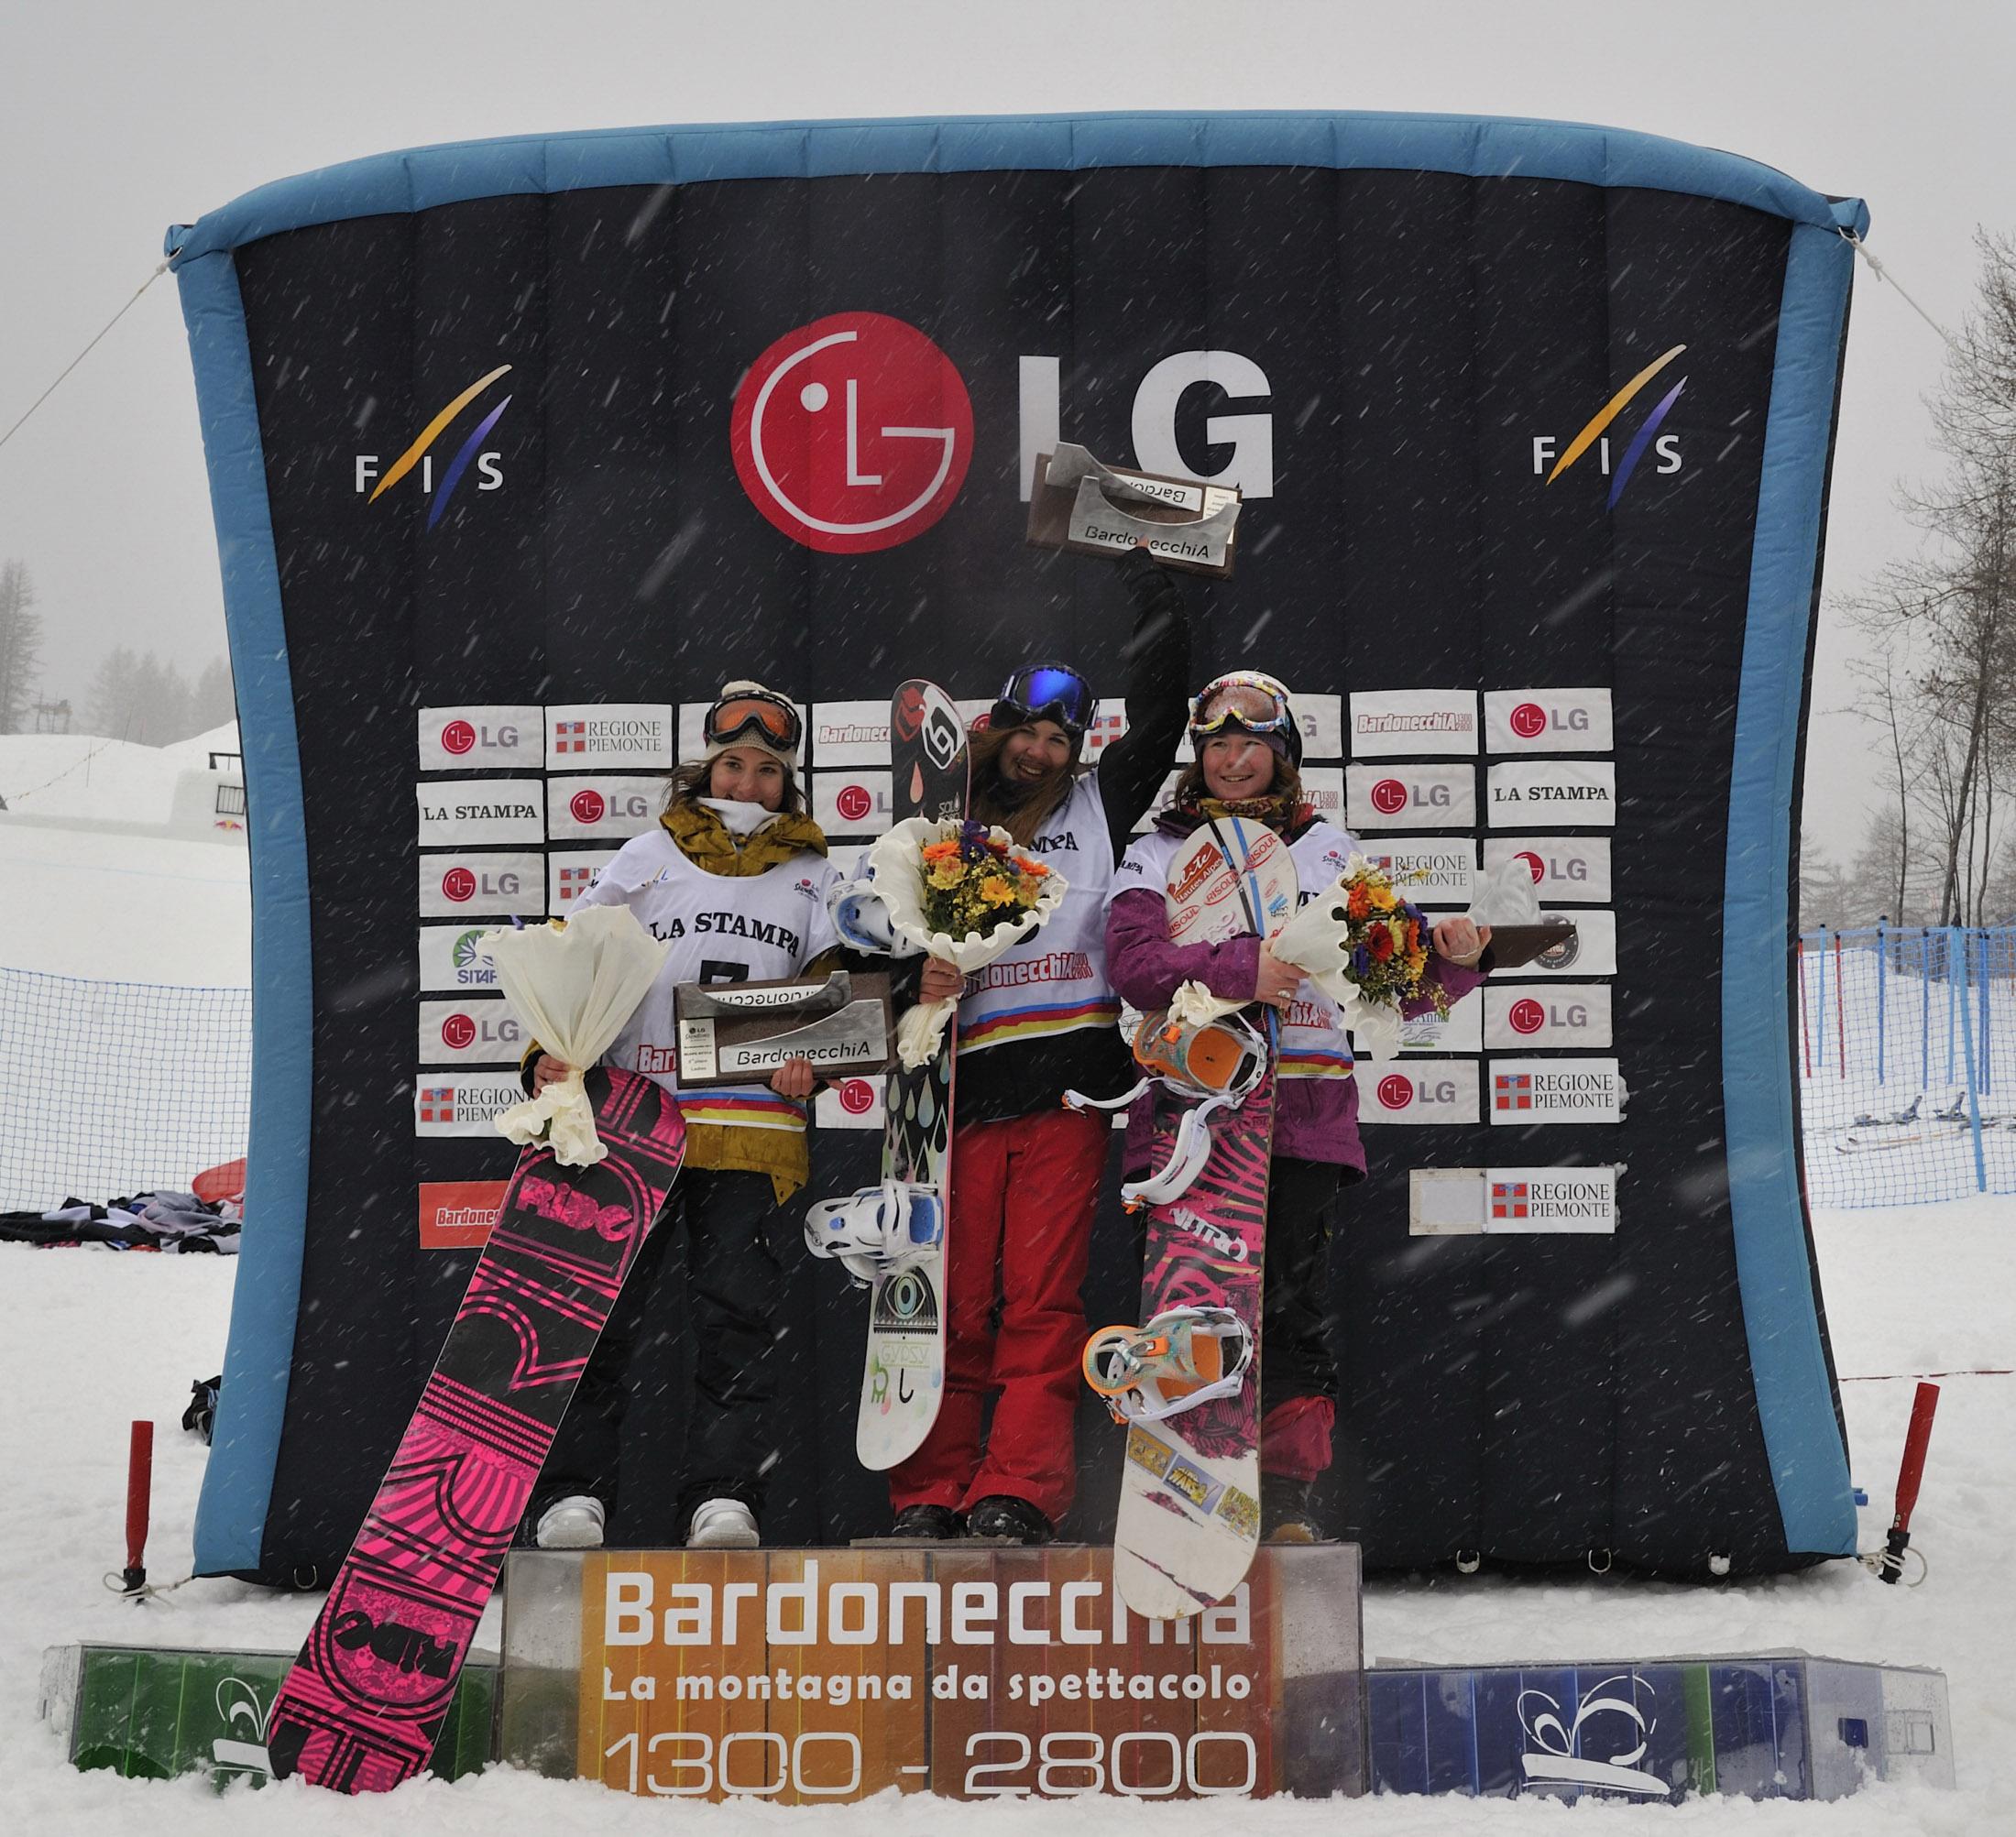 La prova di Slope Style chiude la tappa della LG Snowboard FIS World Cup di Bardonecchia